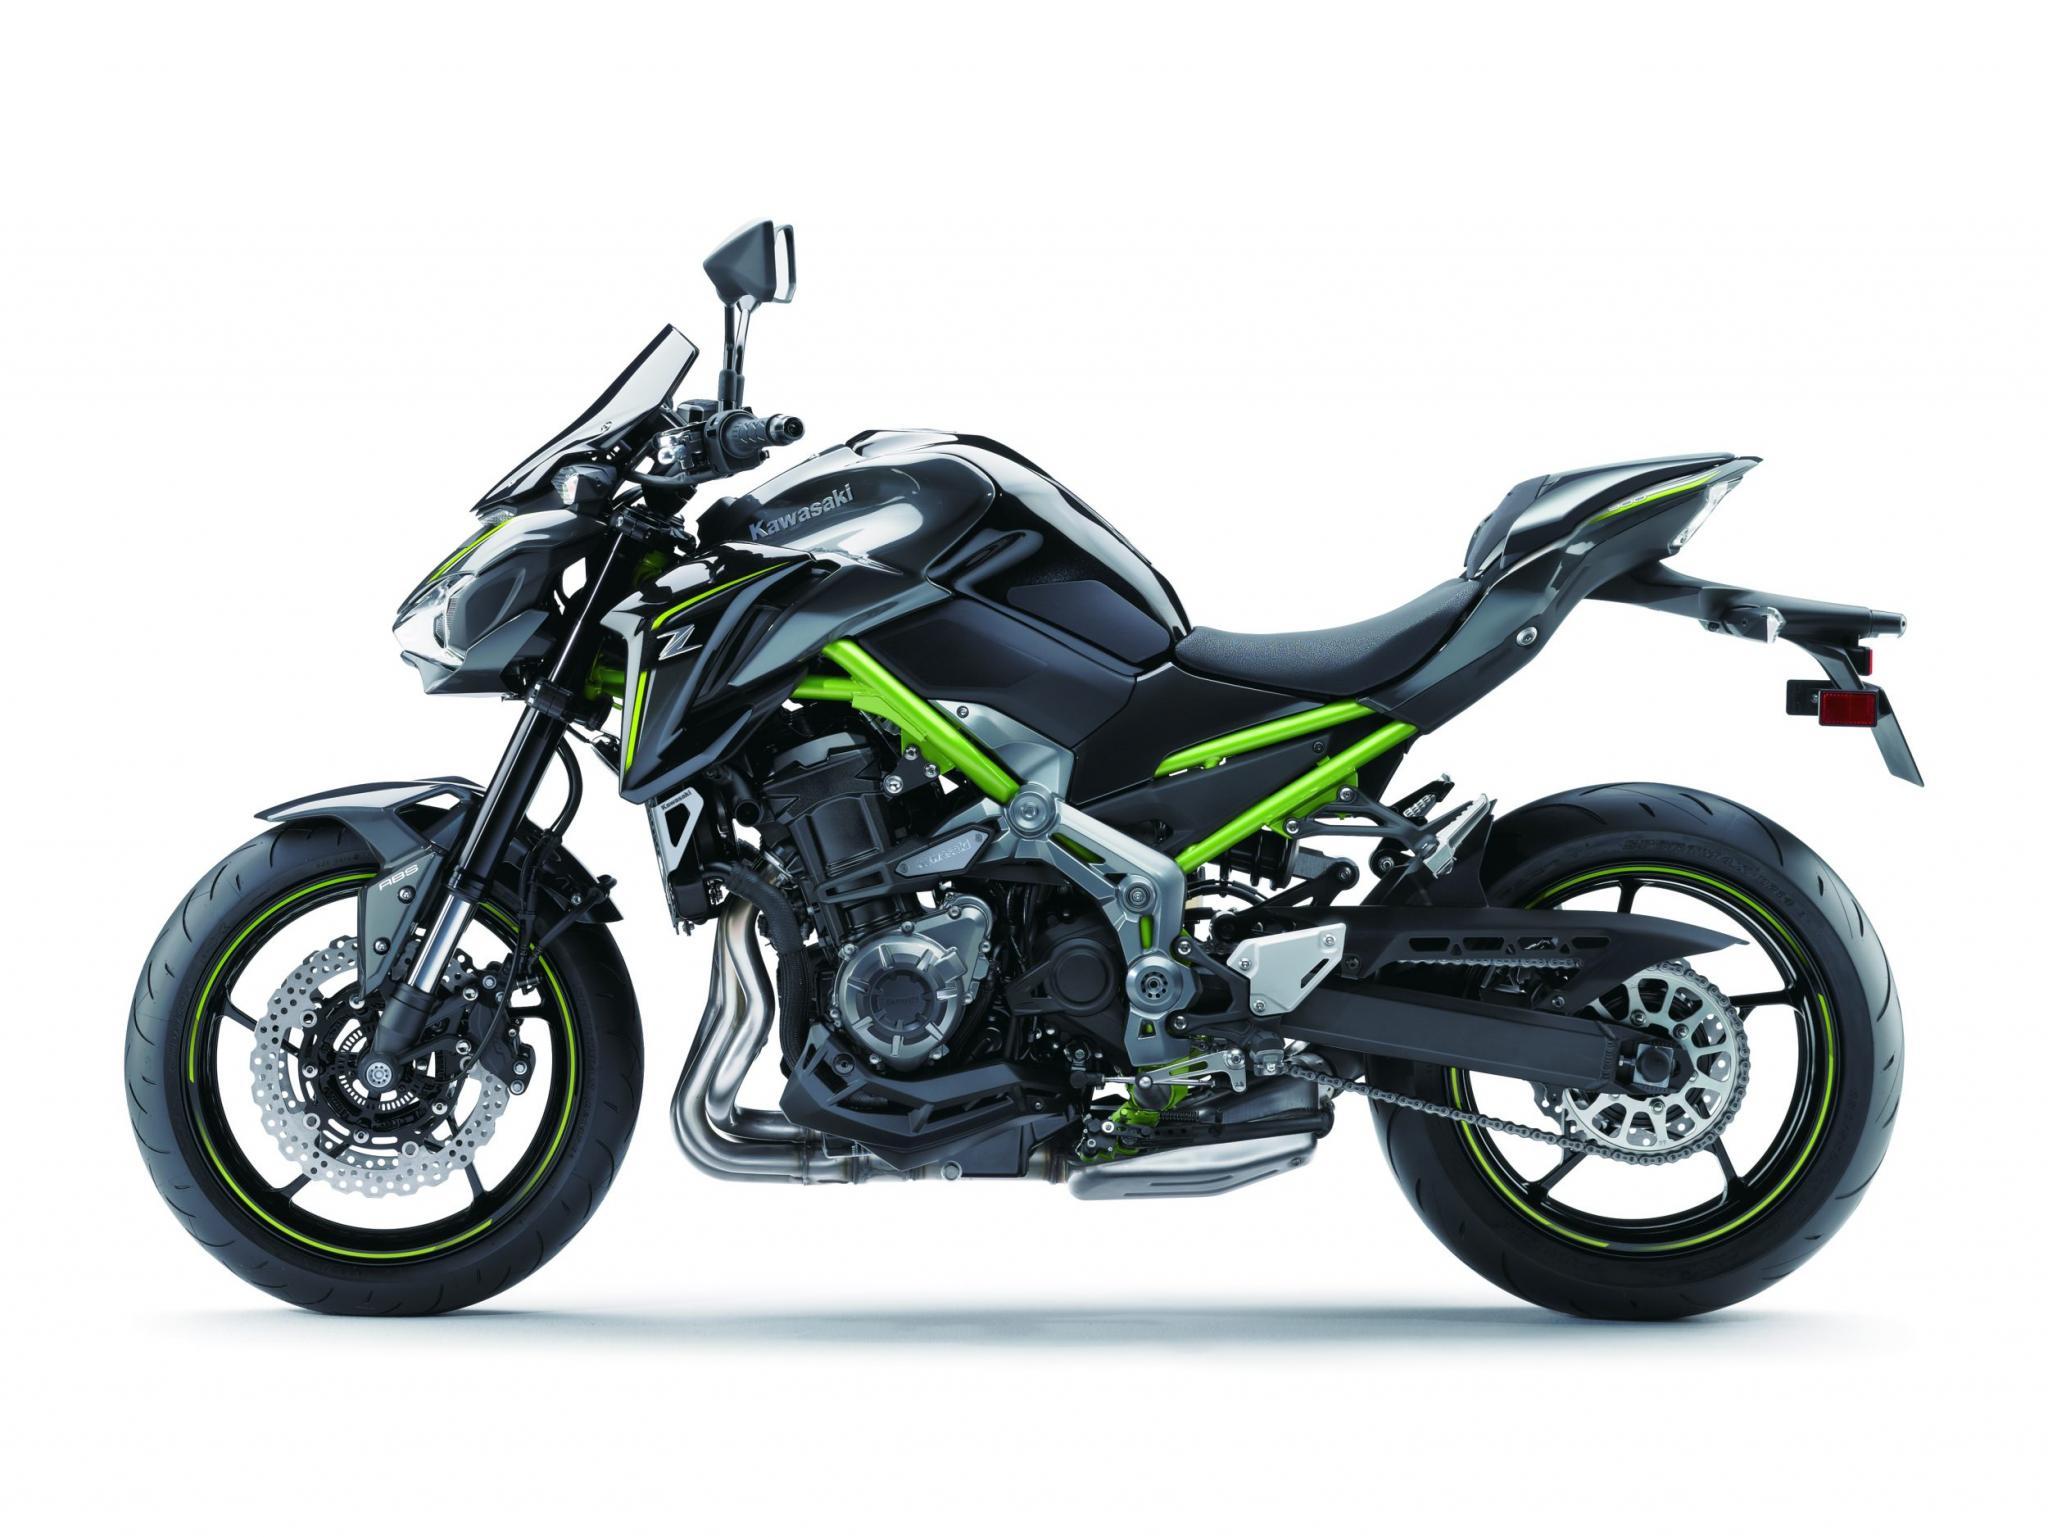 Kawasaki Naked Bike